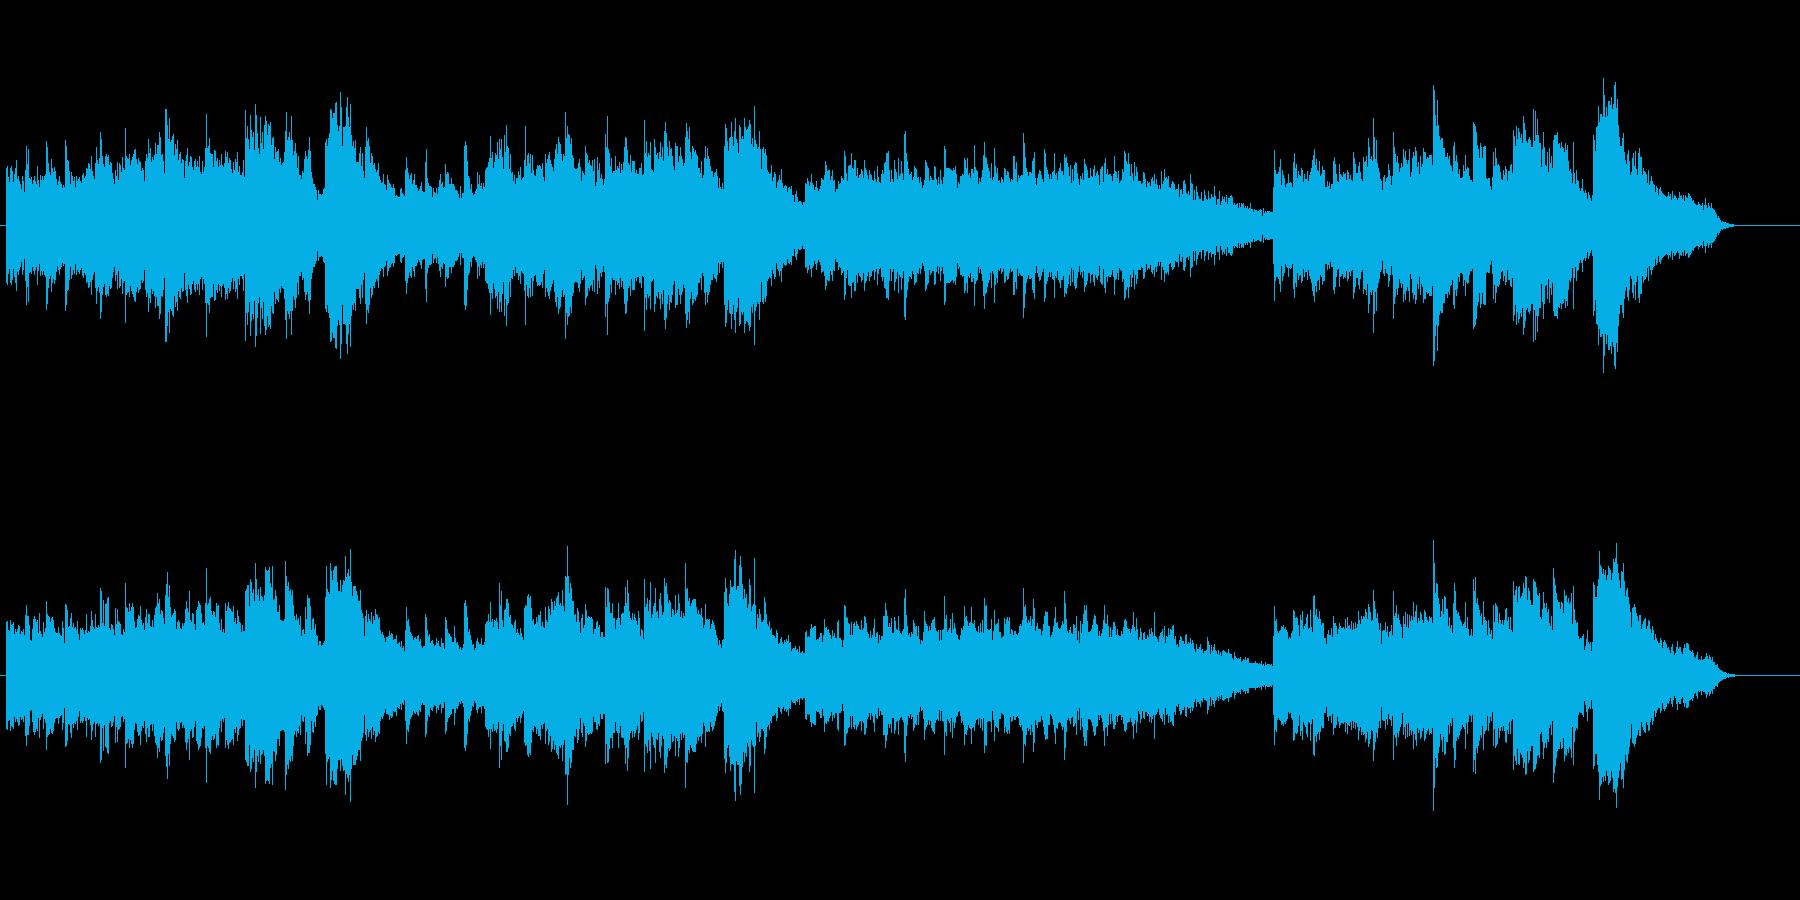 環境音楽(リラクセーション系)の再生済みの波形